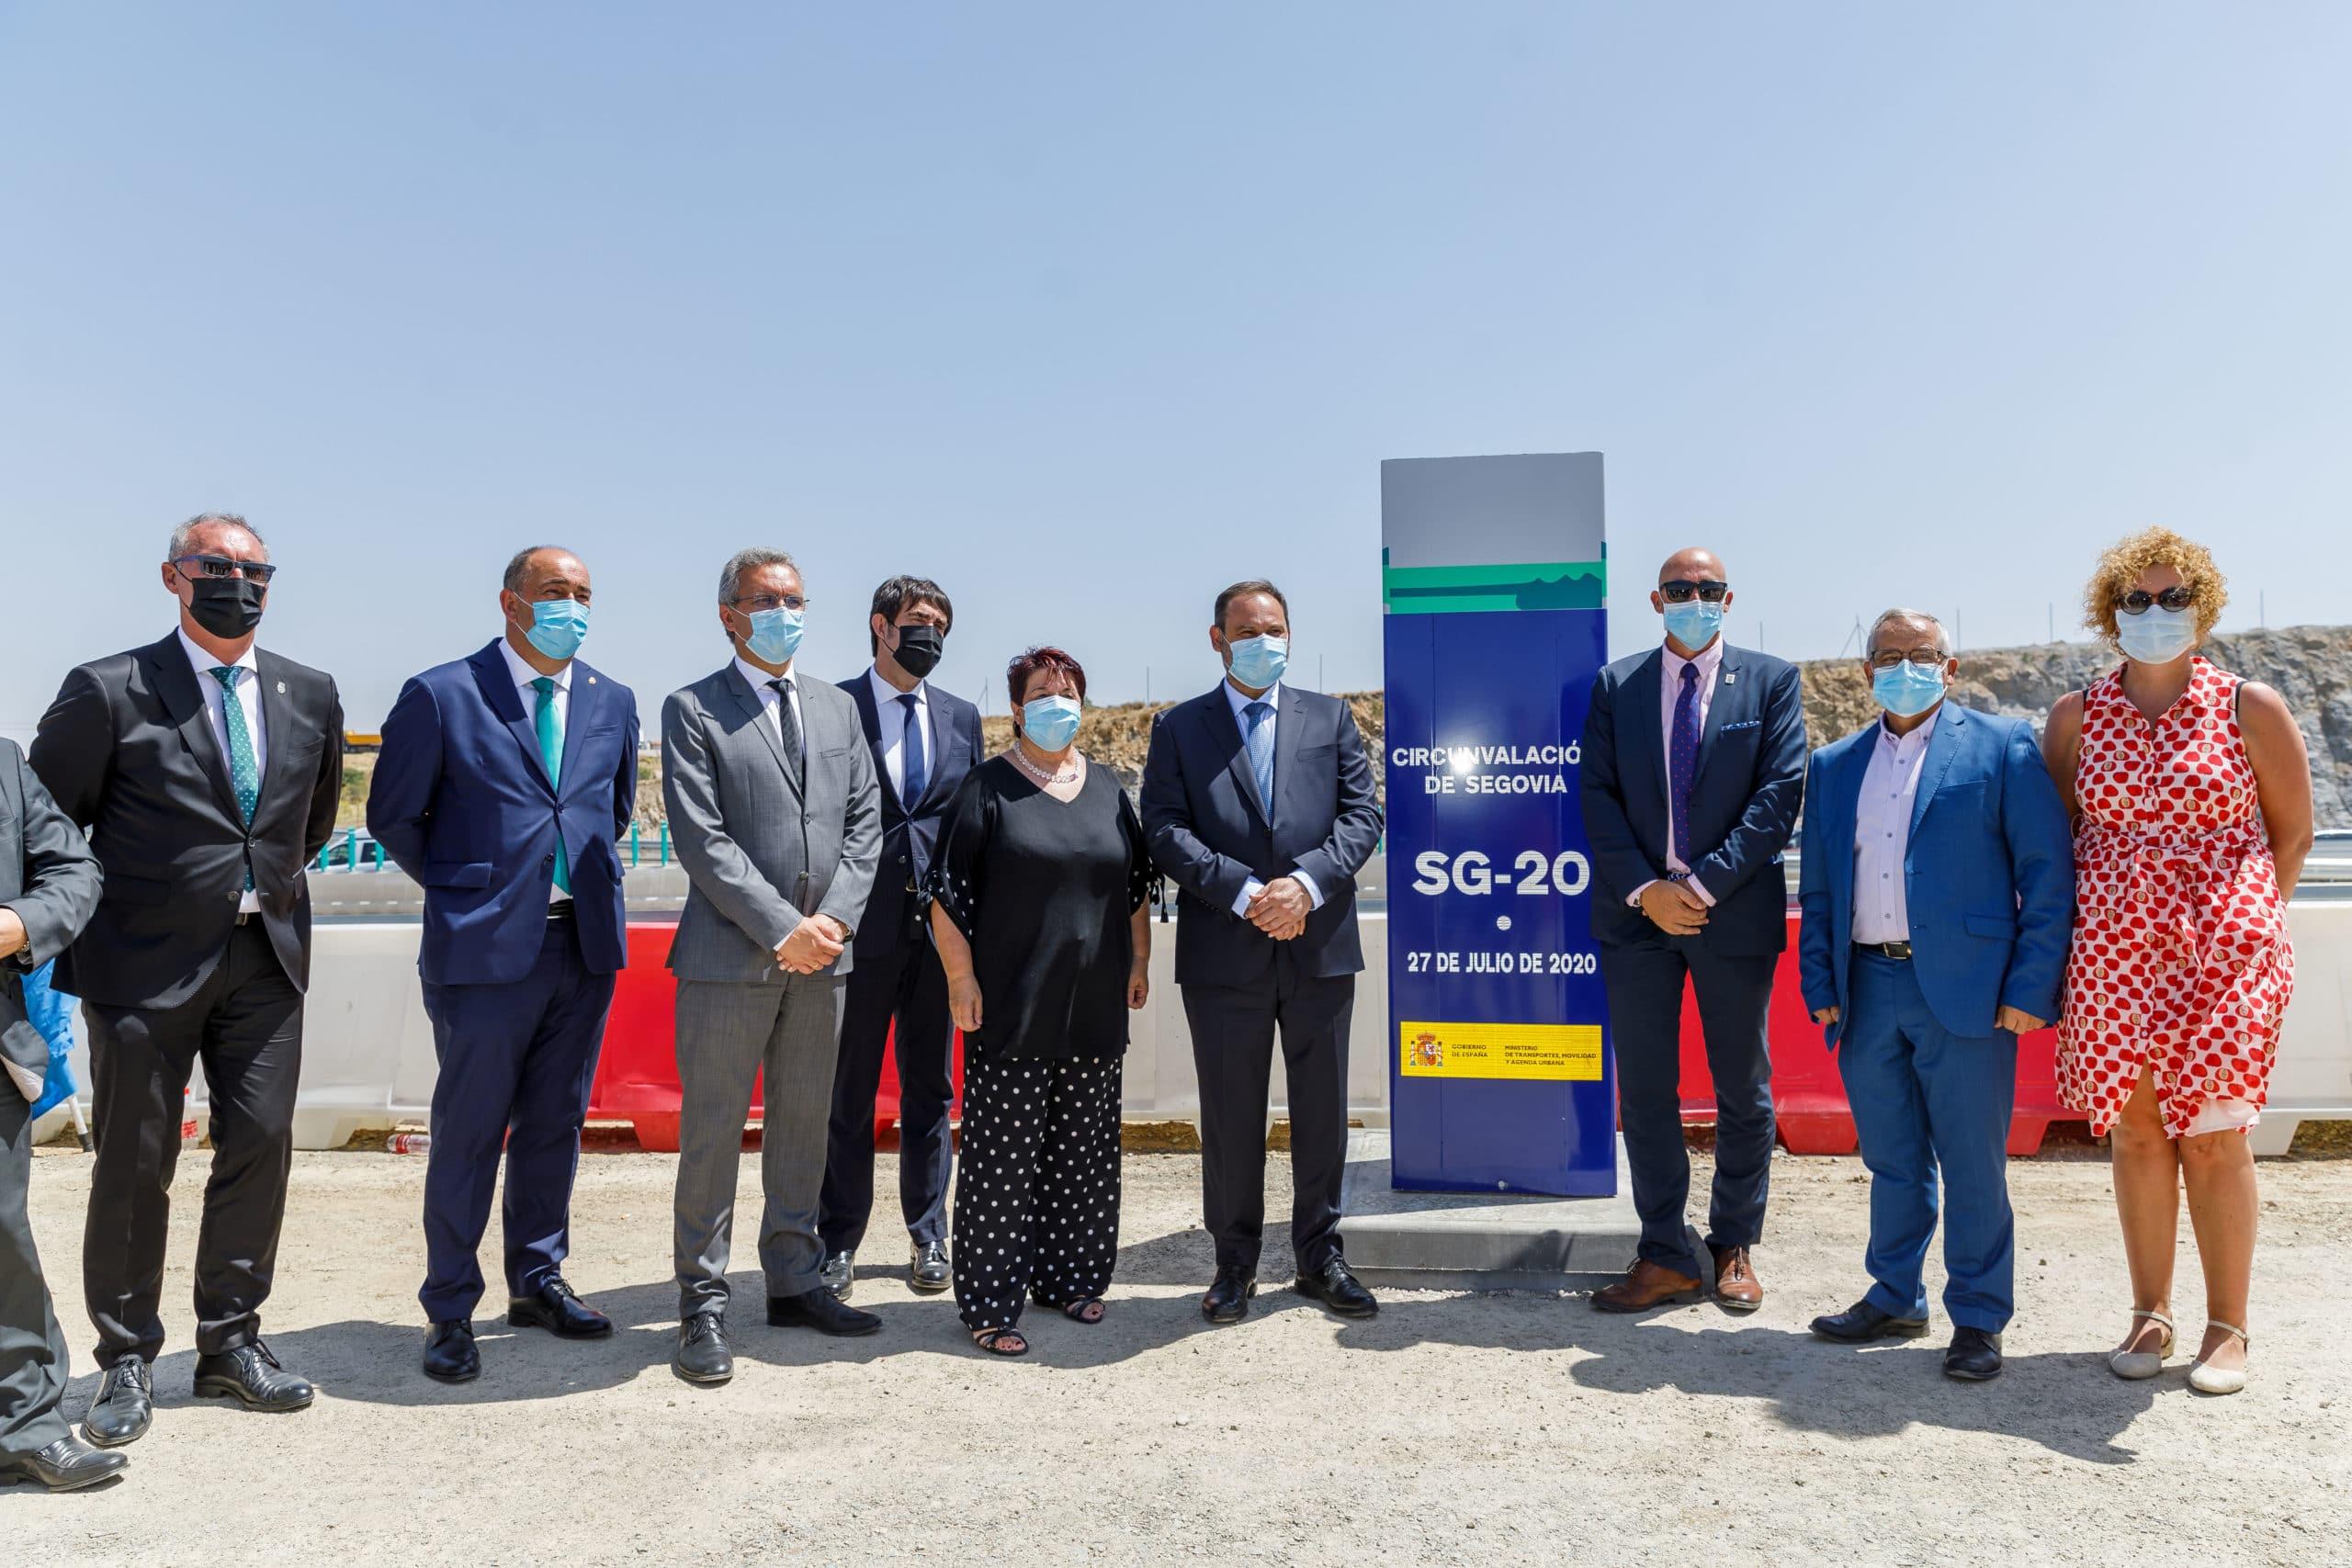 Ábalos inaugura el último tramo de la SG-20, en la que se han invertido 55 millones